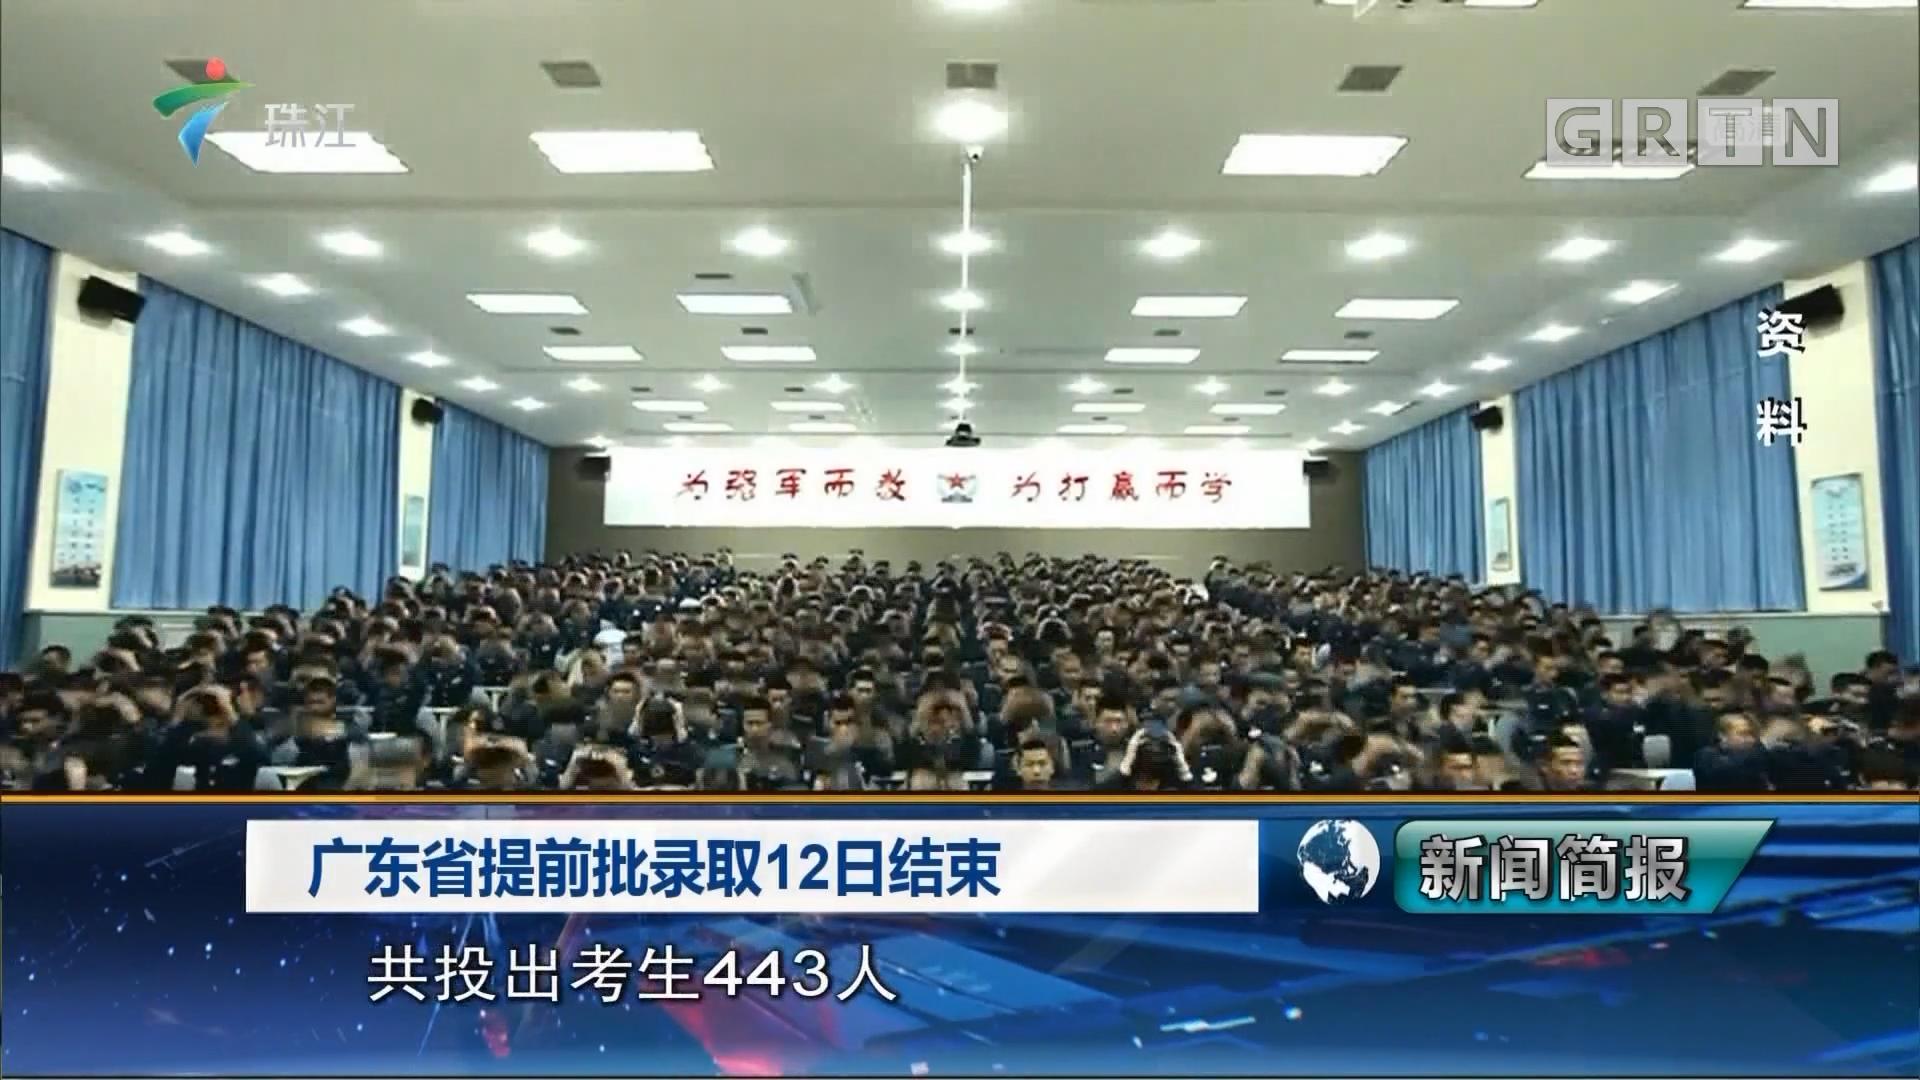 广东省提前批录取12日结束